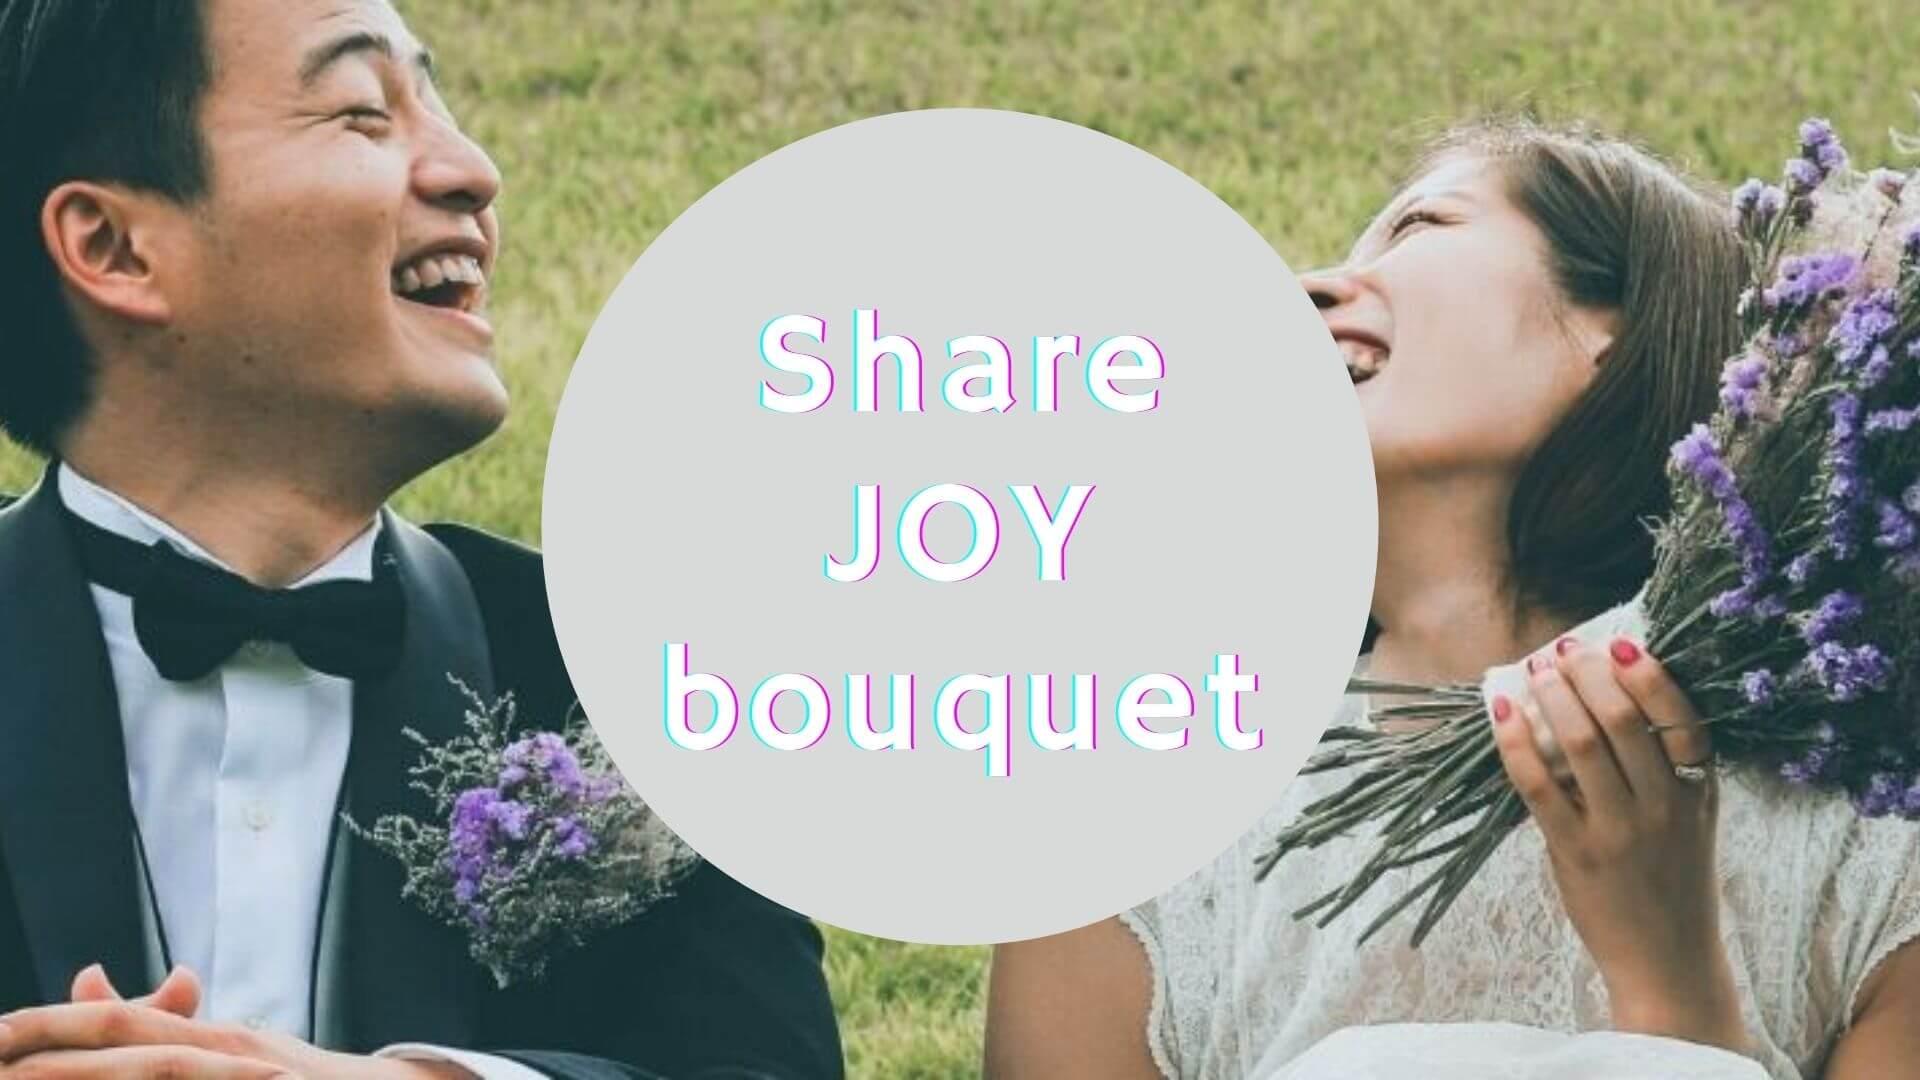 結婚式の延期に悩んだら   share JOY bouquet でできること